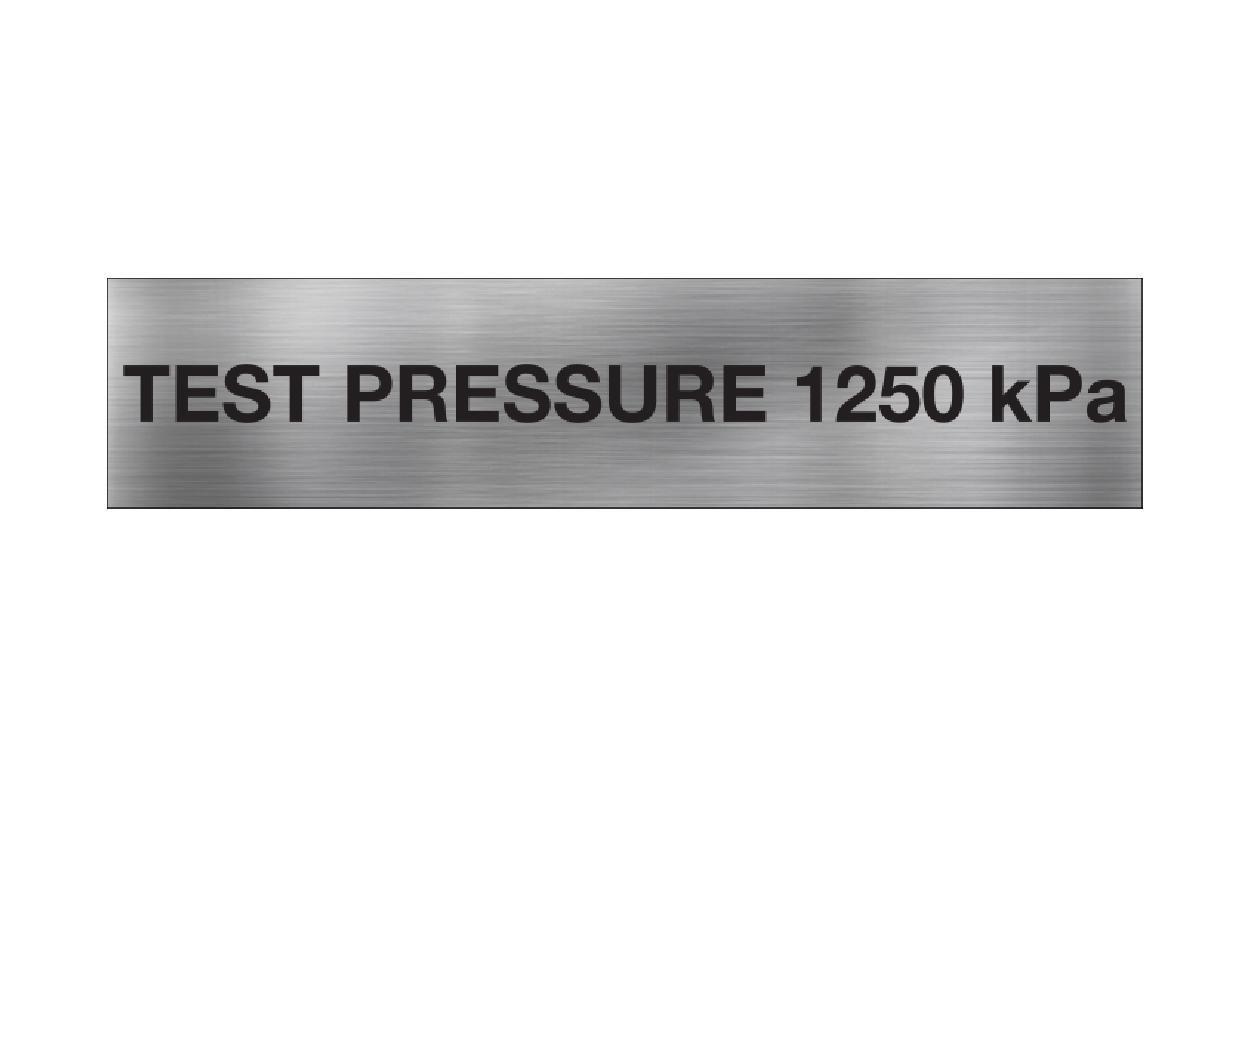 Test Pressure 1250 kPa